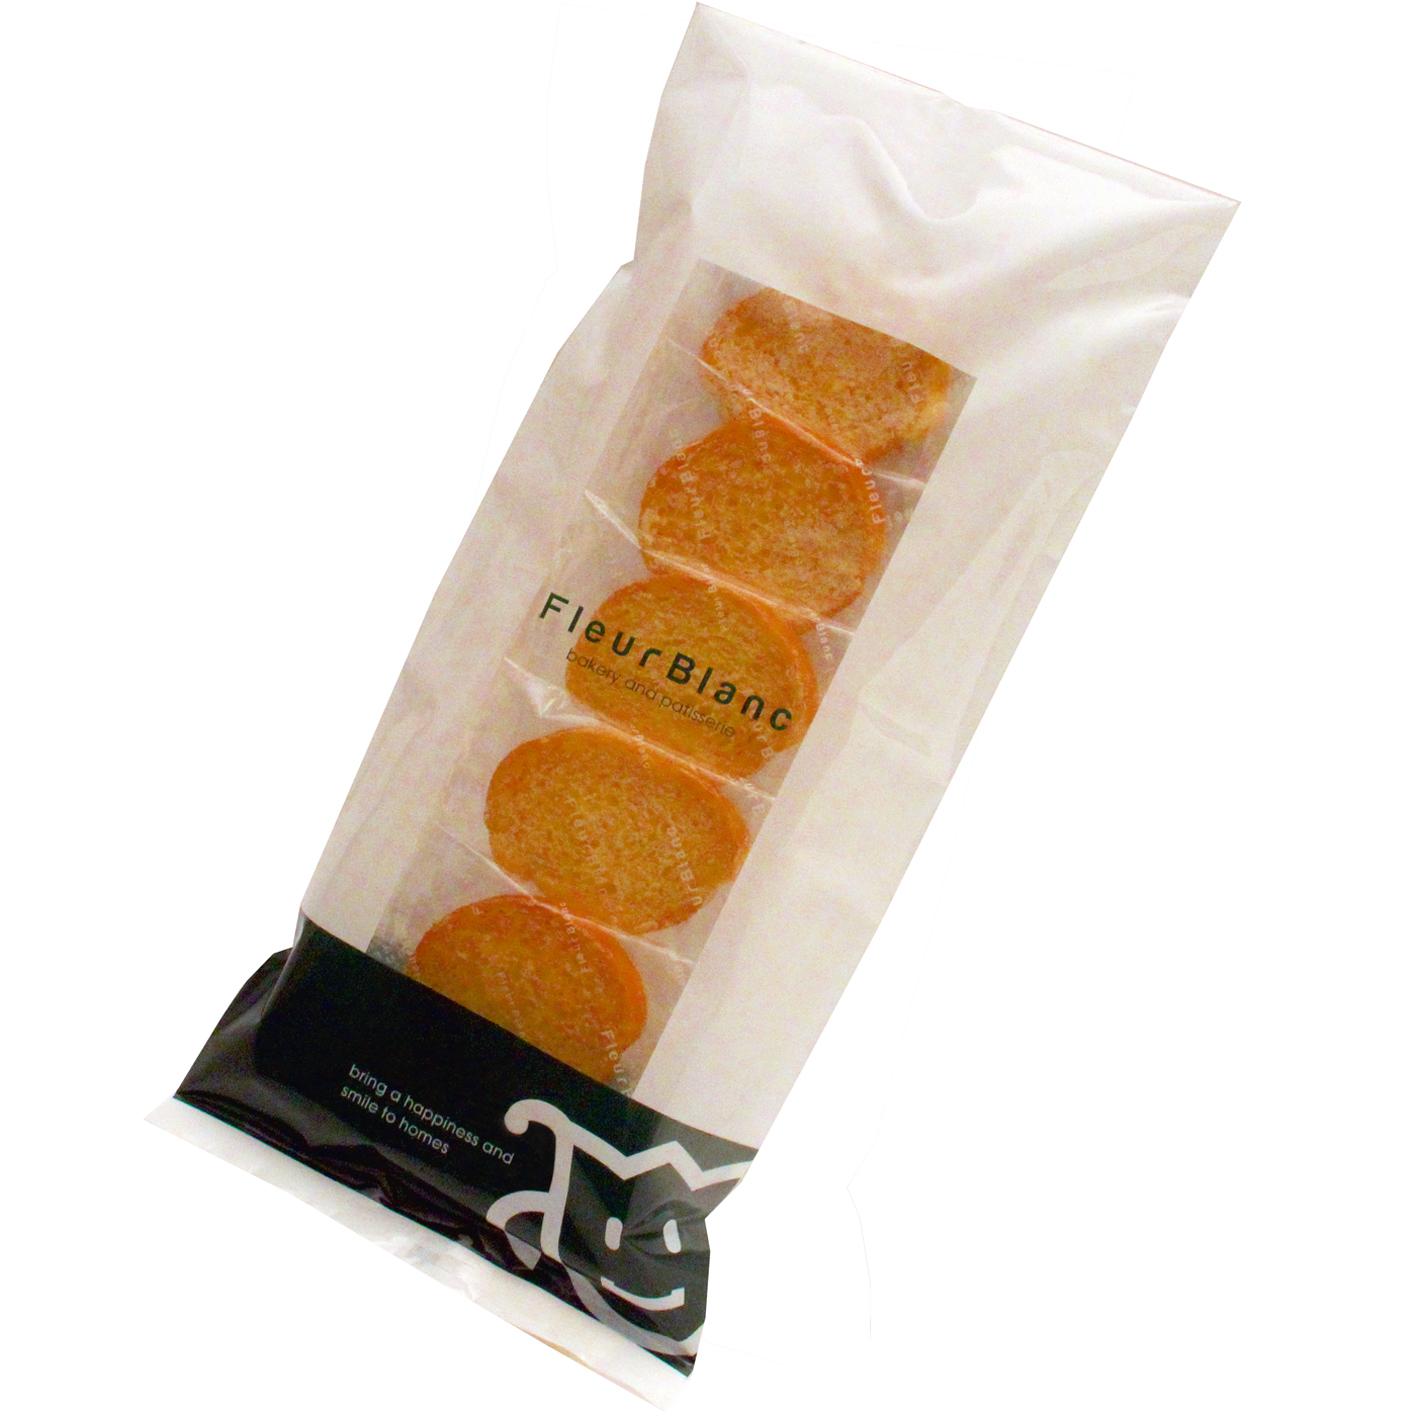 164-00210 フルールラスク(チーズ)6枚入